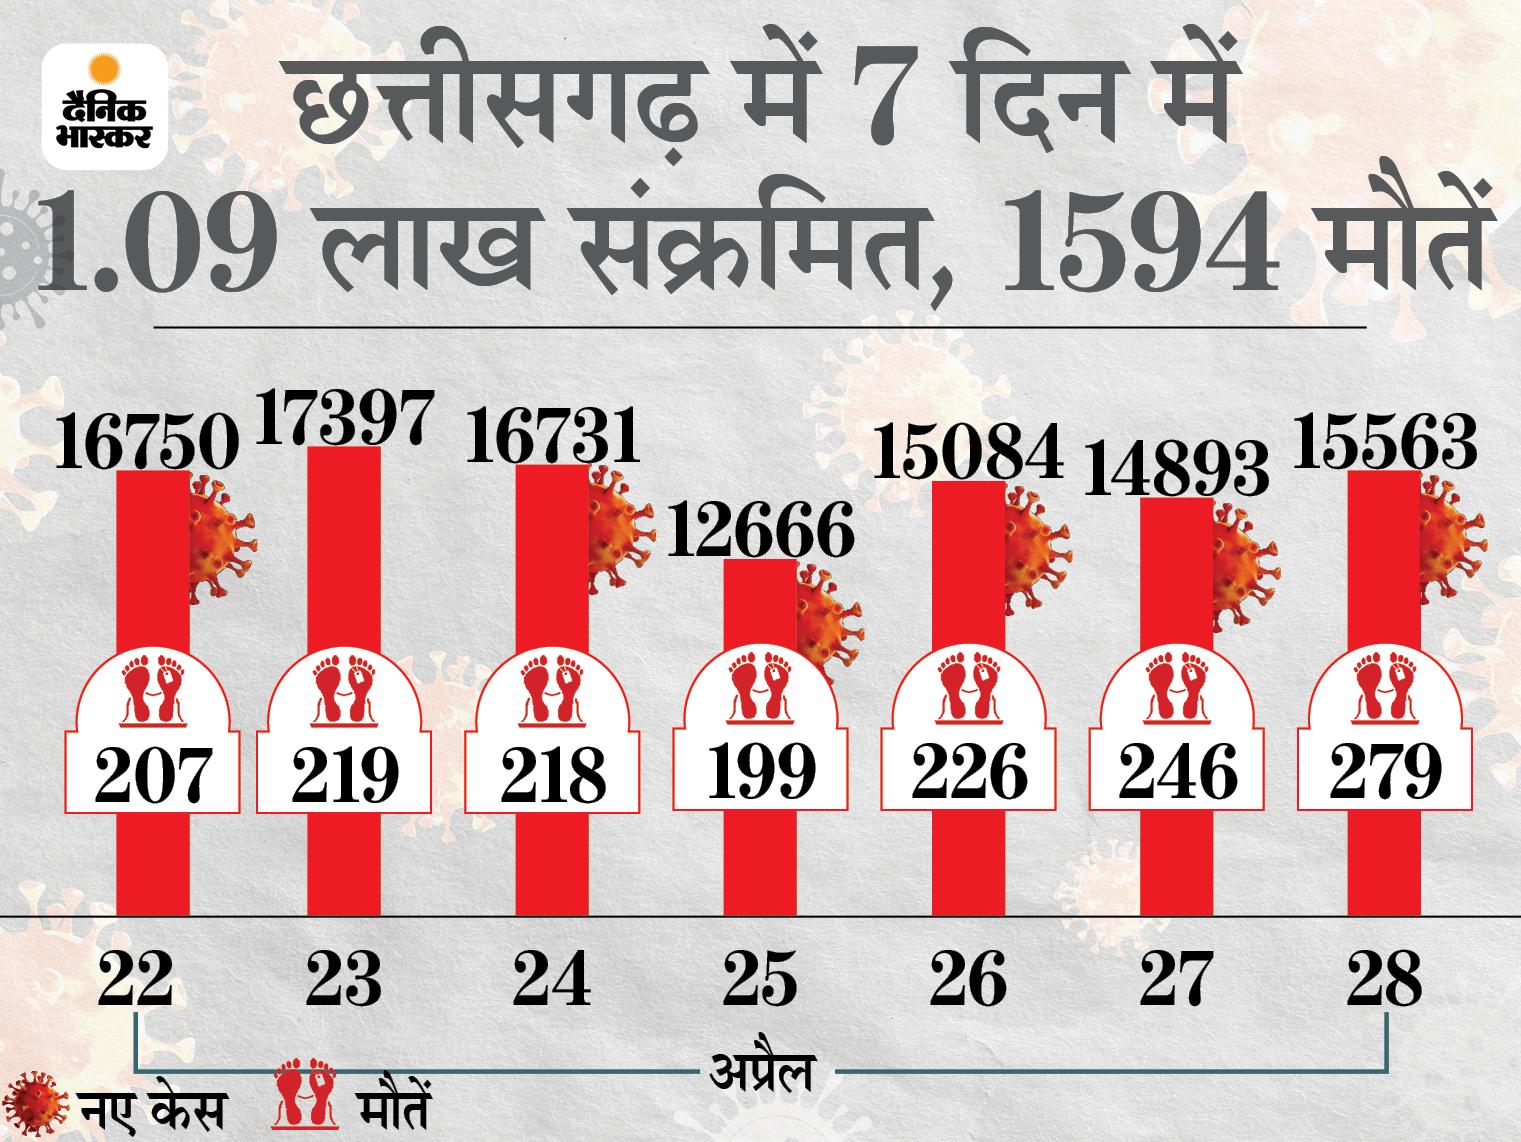 बीते दिन रिकॉर्ड 279 की मौत, यहां एक दिन में जान गंवाने वालों का सबसे बड़ा आंकड़ा; 15 हजार से ज्यादा नए केस भी आए|रायपुर,Raipur - Dainik Bhaskar